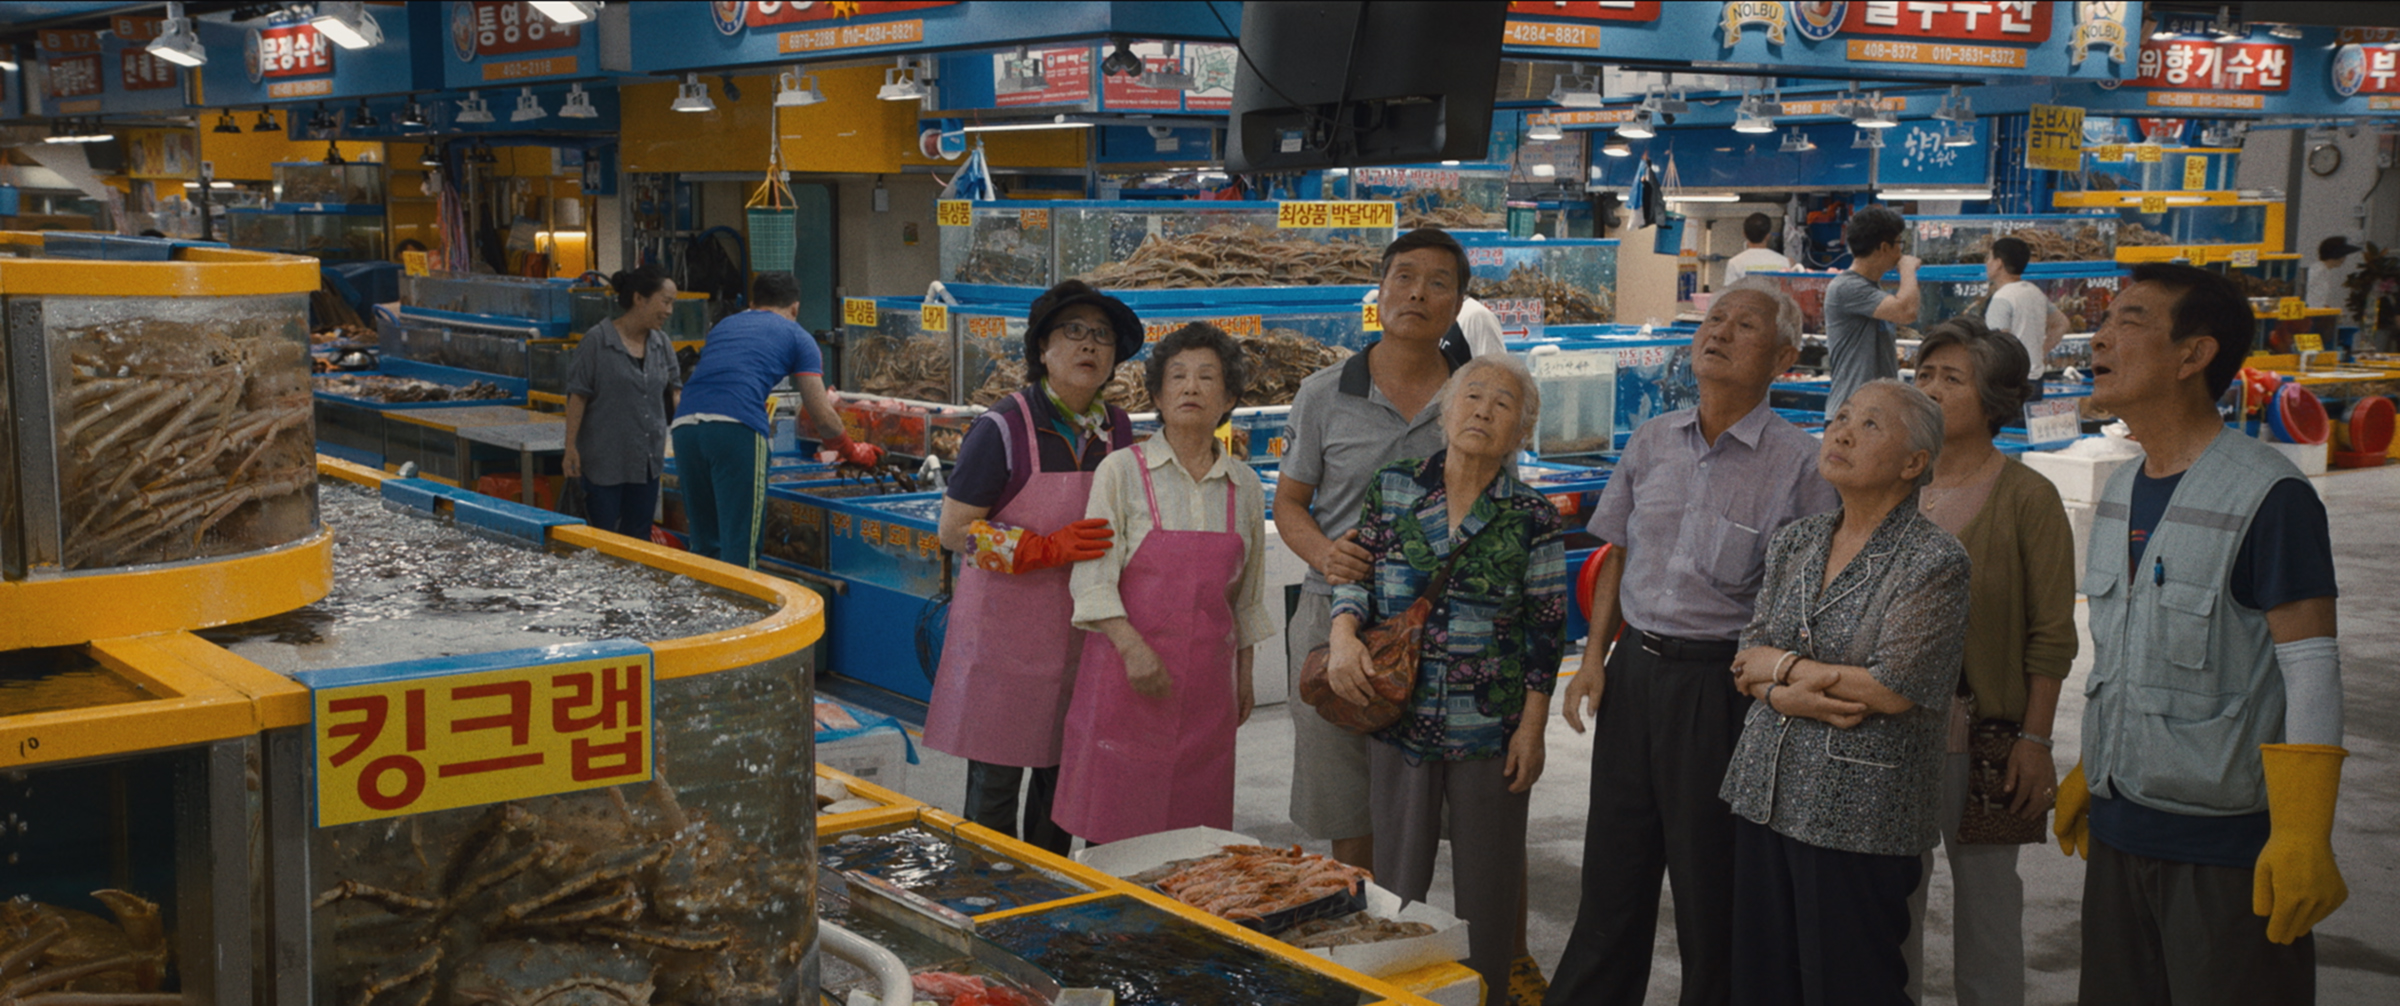 #신기해 #반가워 외국영화 속 한국로케들